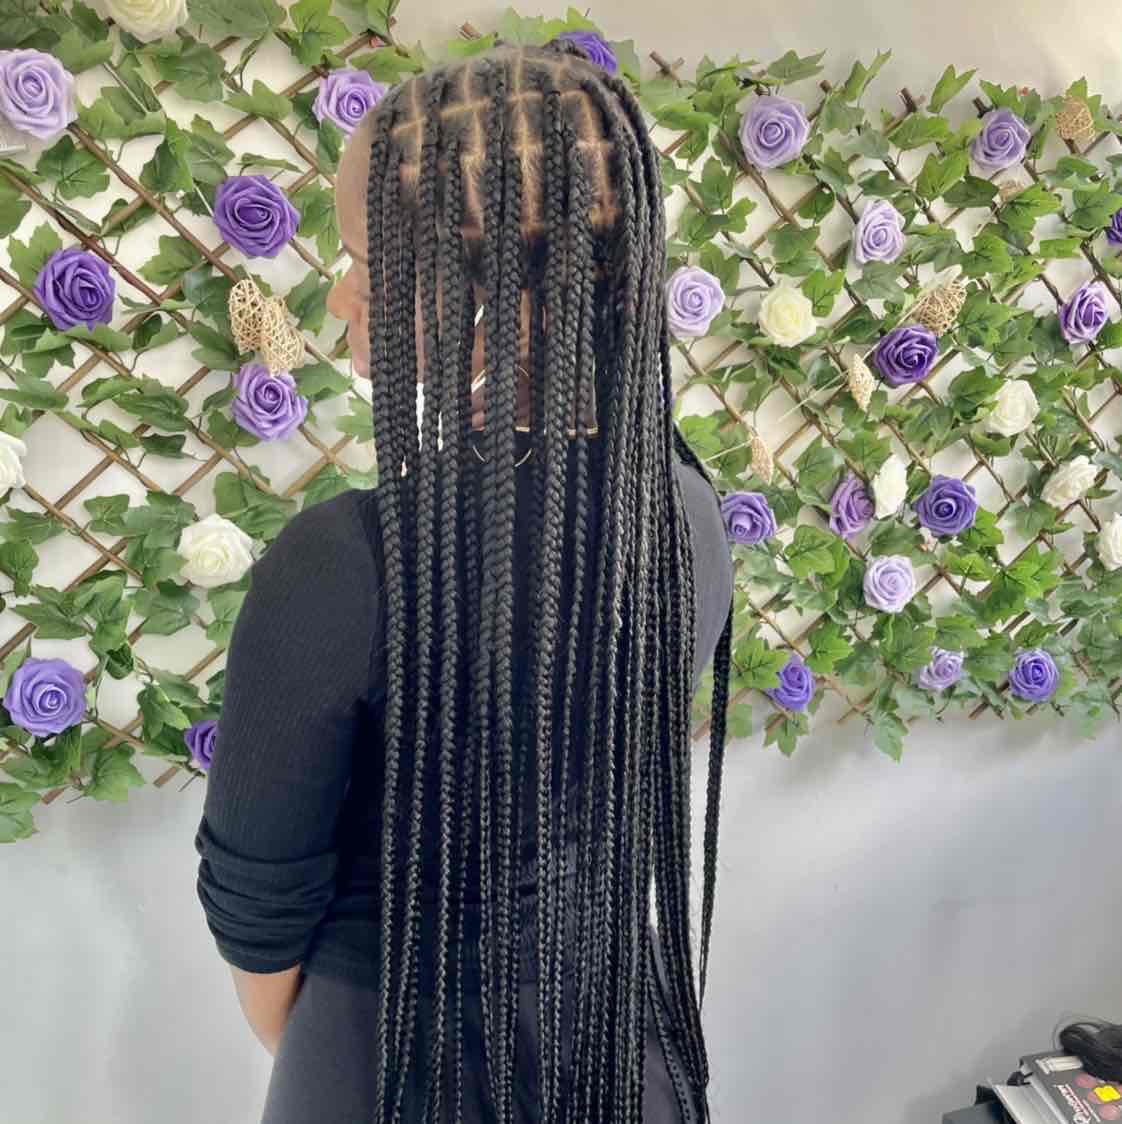 salon de coiffure afro tresse tresses box braids crochet braids vanilles tissages paris 75 77 78 91 92 93 94 95 WOUMIYUL